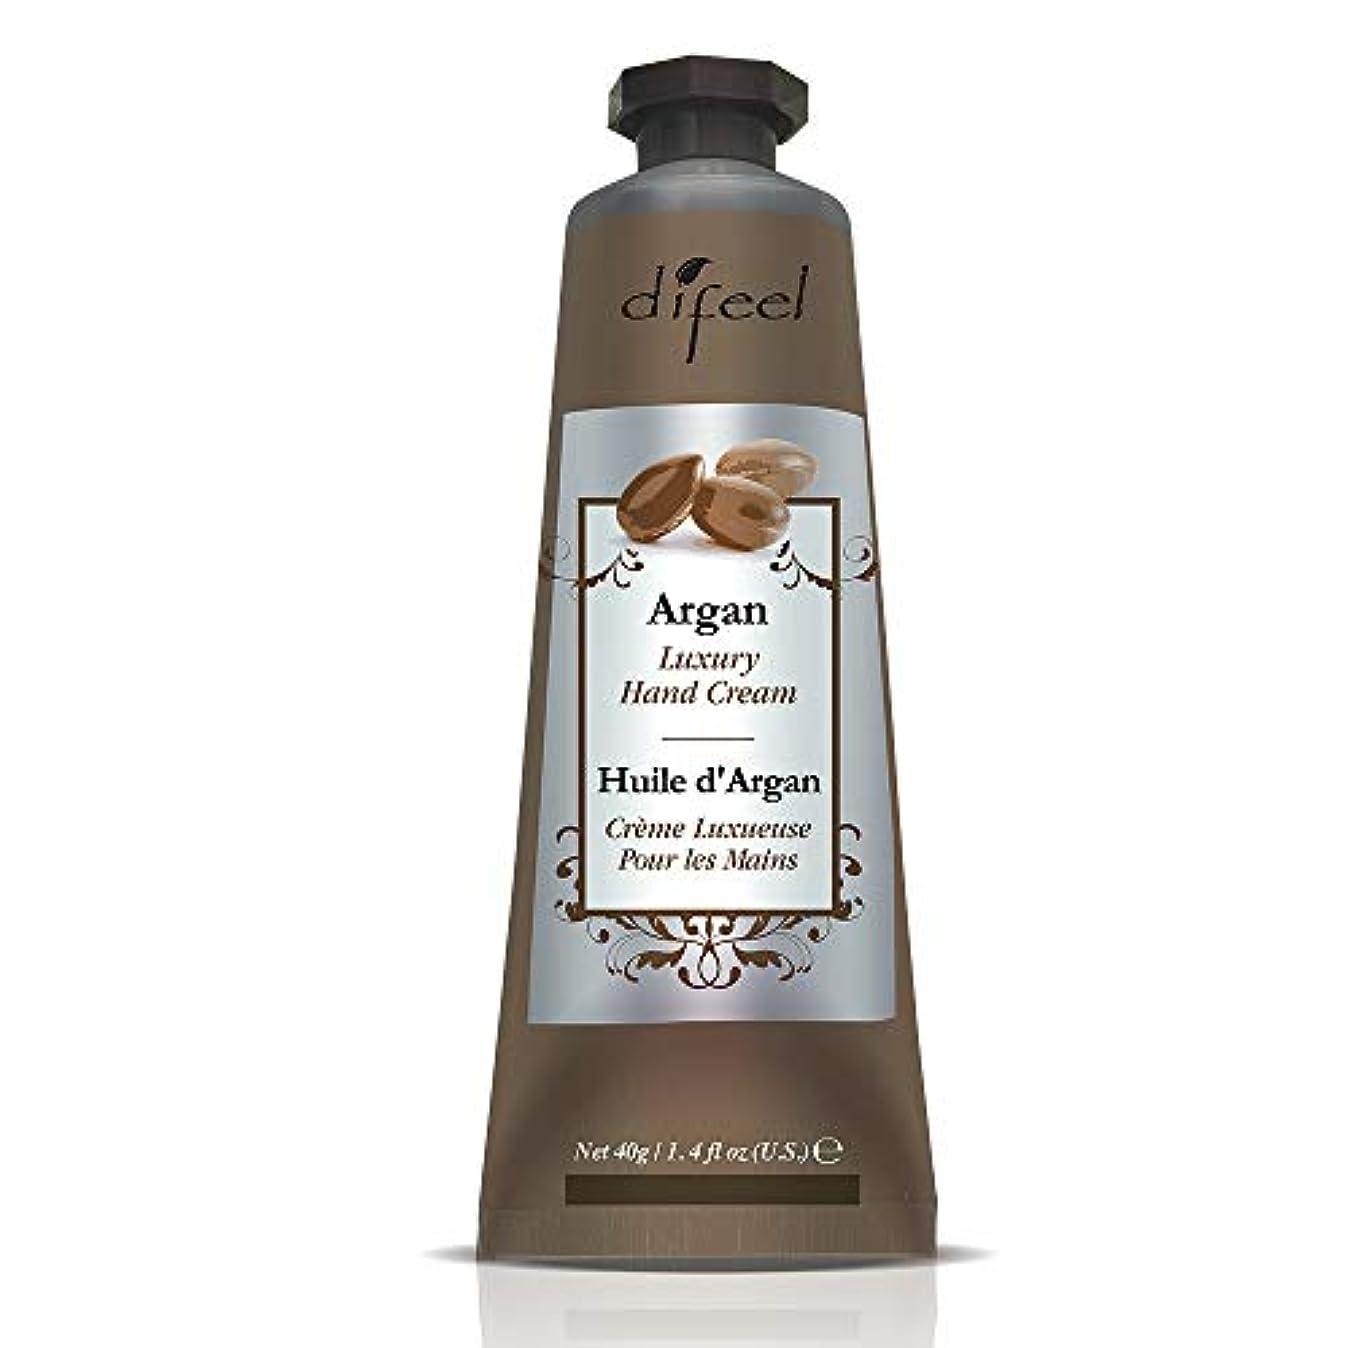 行進暗黙代わりにを立てるDifeel(ディフィール) アルガン ナチュラル ハンドクリーム 40g ARGAN 12ARG New York 【正規輸入品】